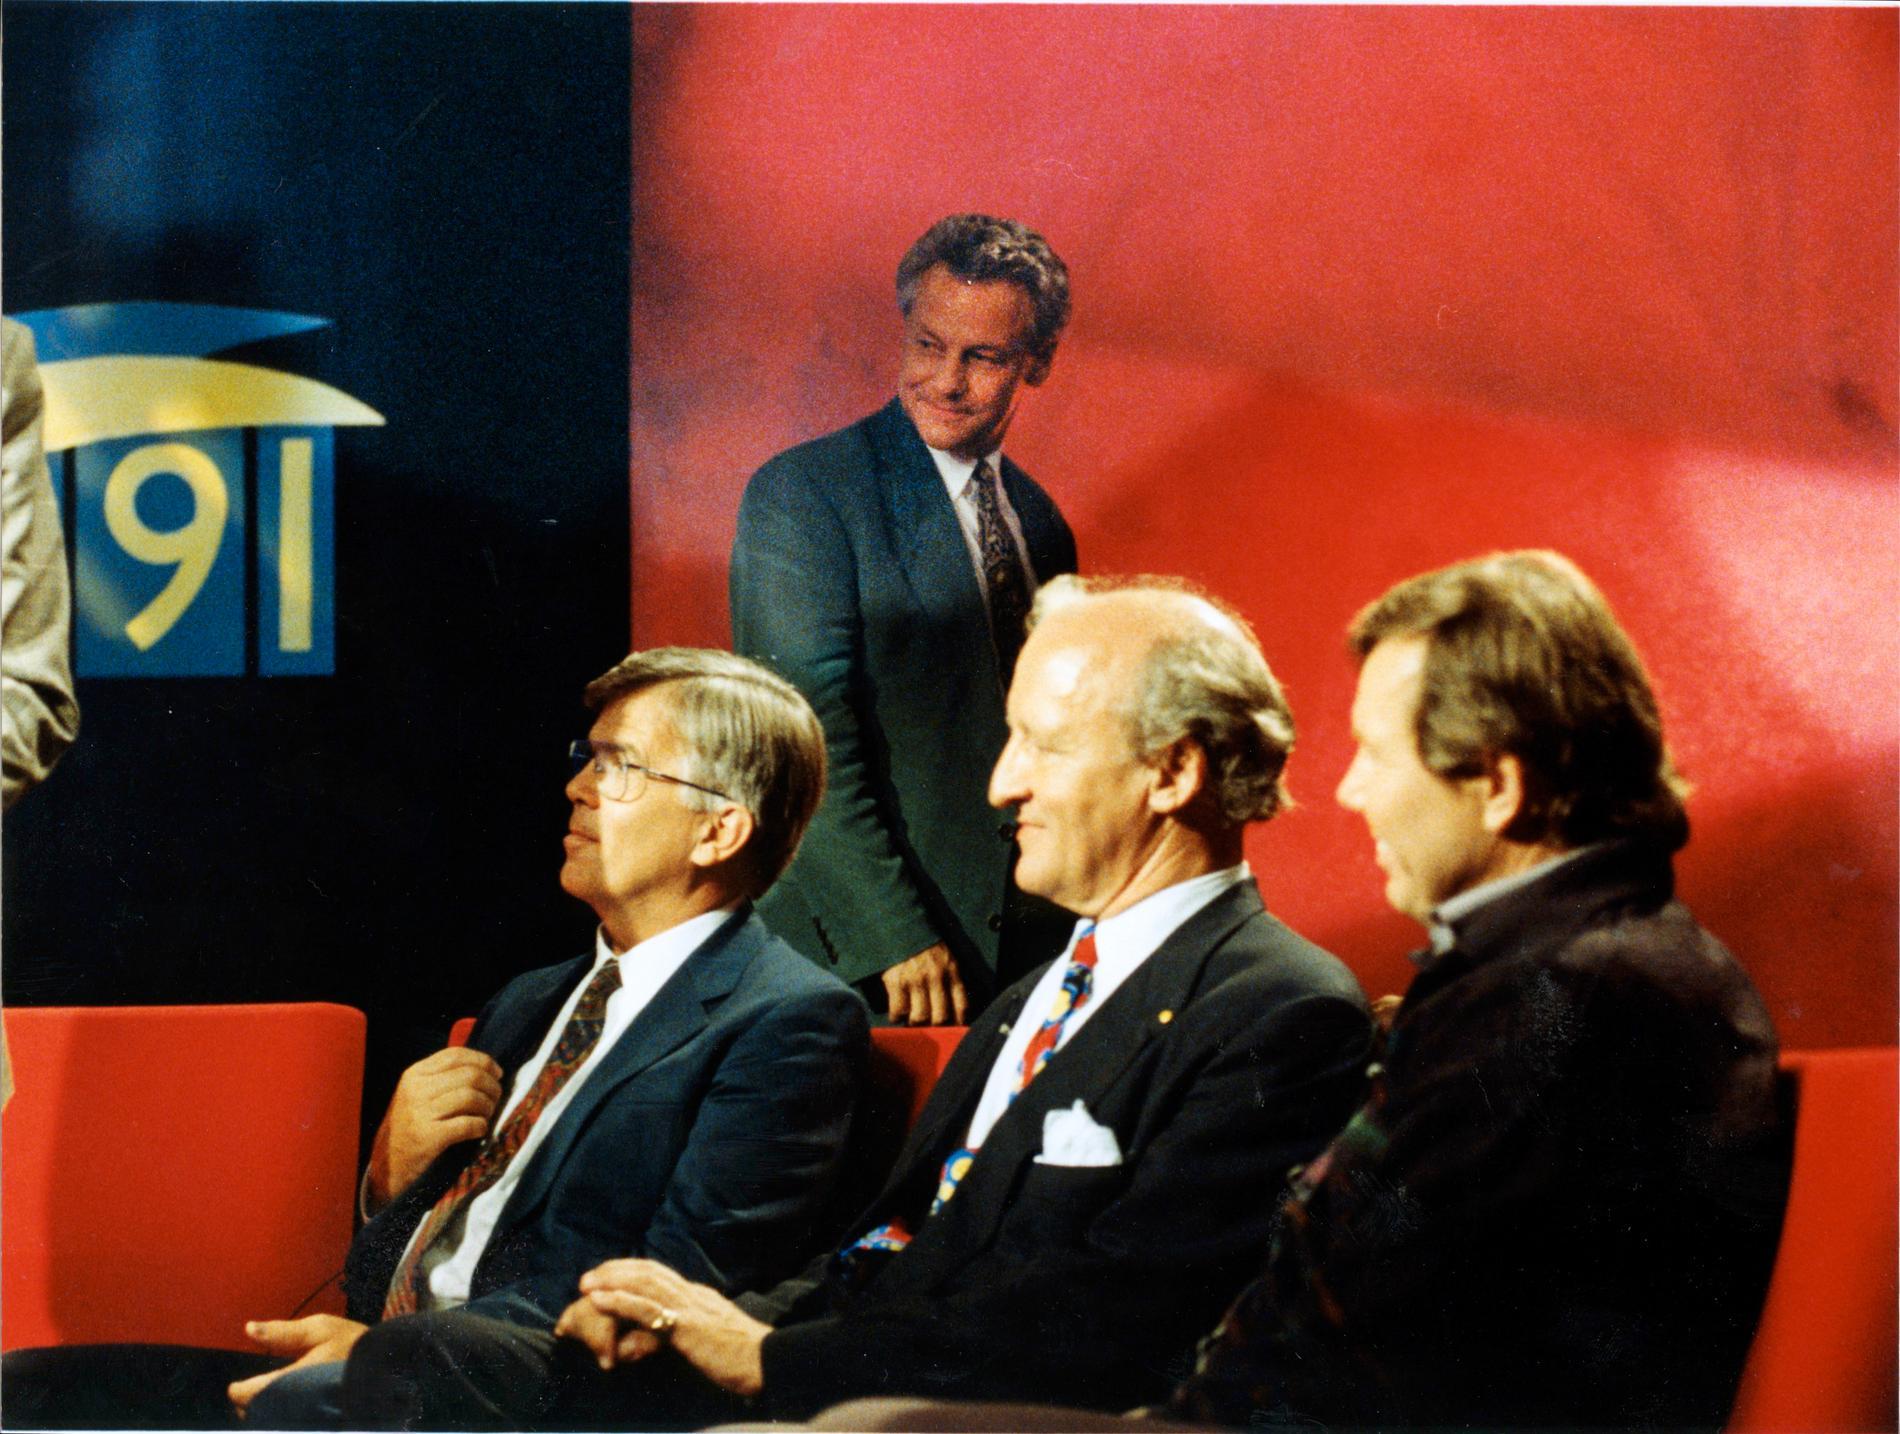 Bengt Westerberg ville inte sitta i samma tv-soffa som Ny Demokratis Ian Wachtmeister och Bert Karlsson 1991.